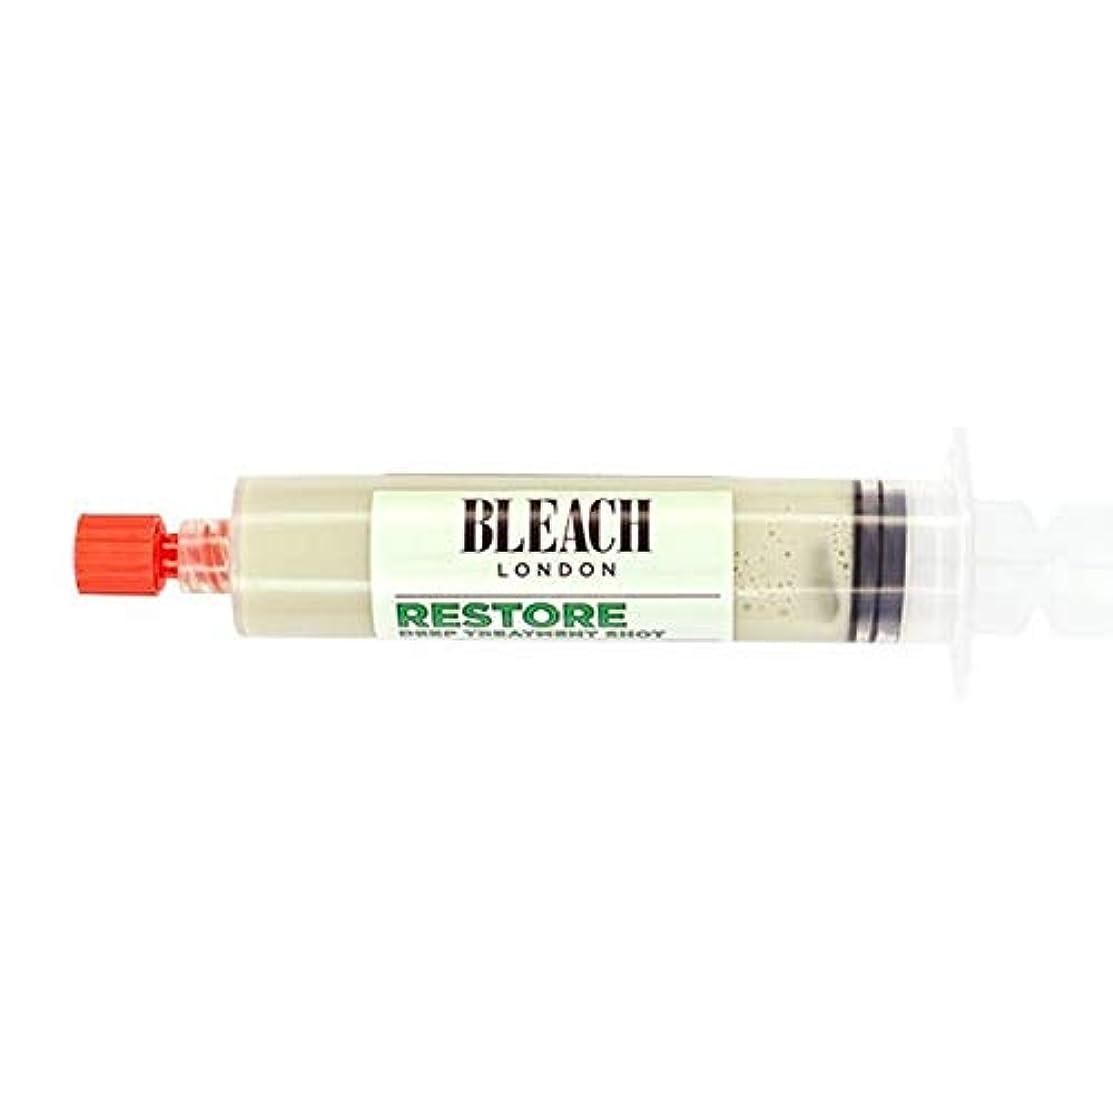 パイロット障害別に[Bleach London ] ロンドン治療ショットを漂白 - 復元 - Bleach London Treatment Shot - Restore [並行輸入品]